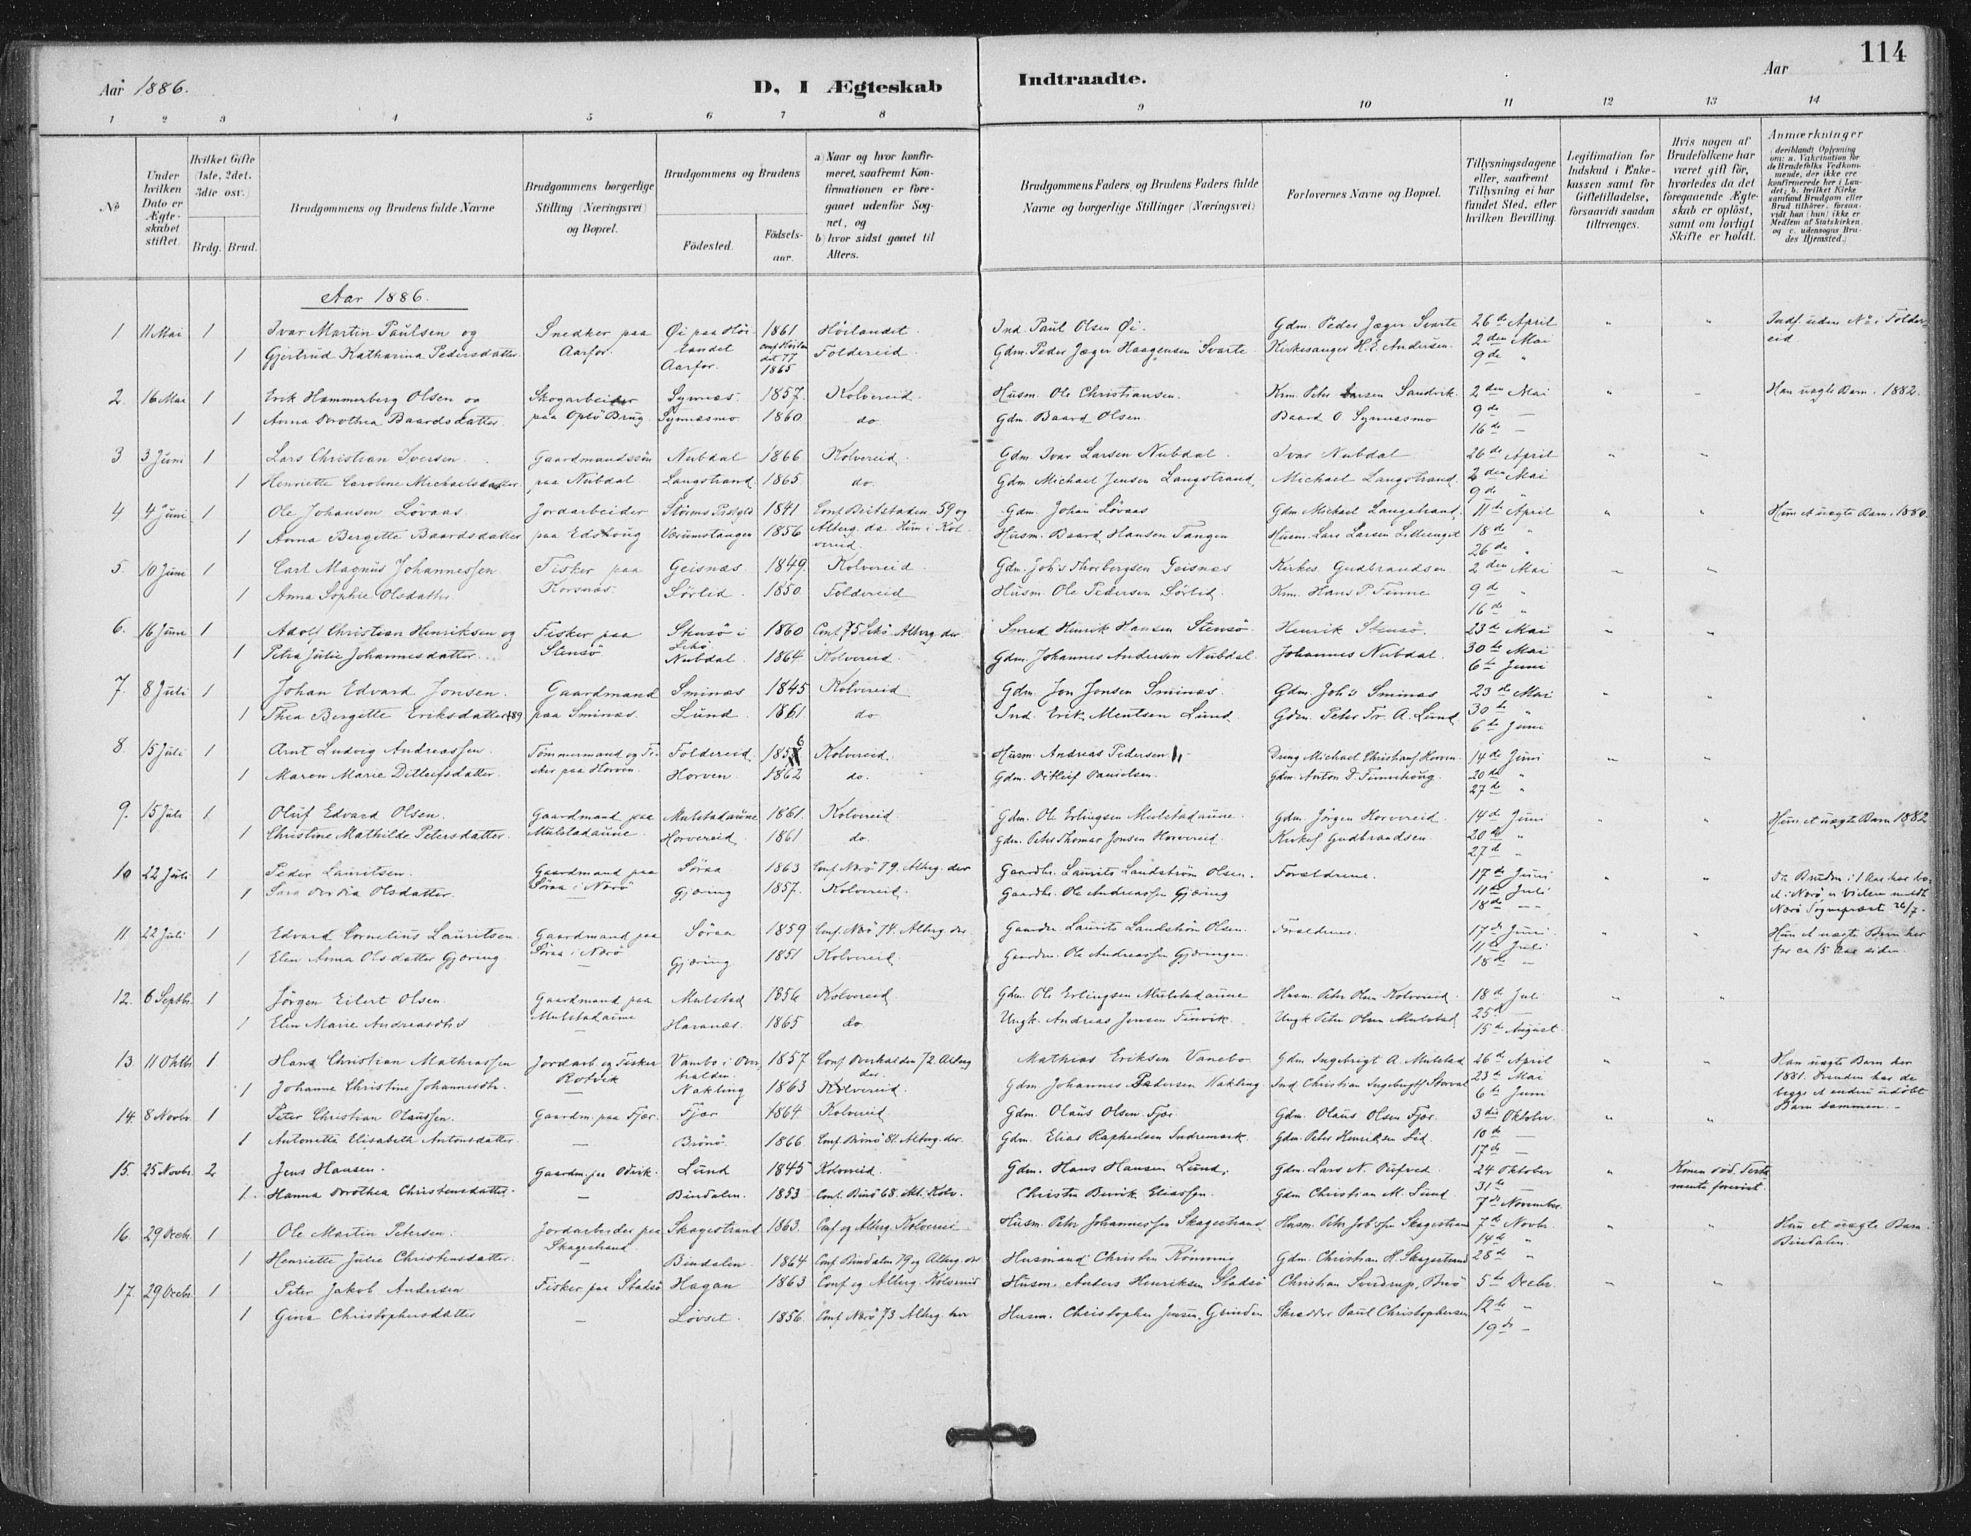 SAT, Ministerialprotokoller, klokkerbøker og fødselsregistre - Nord-Trøndelag, 780/L0644: Ministerialbok nr. 780A08, 1886-1903, s. 114